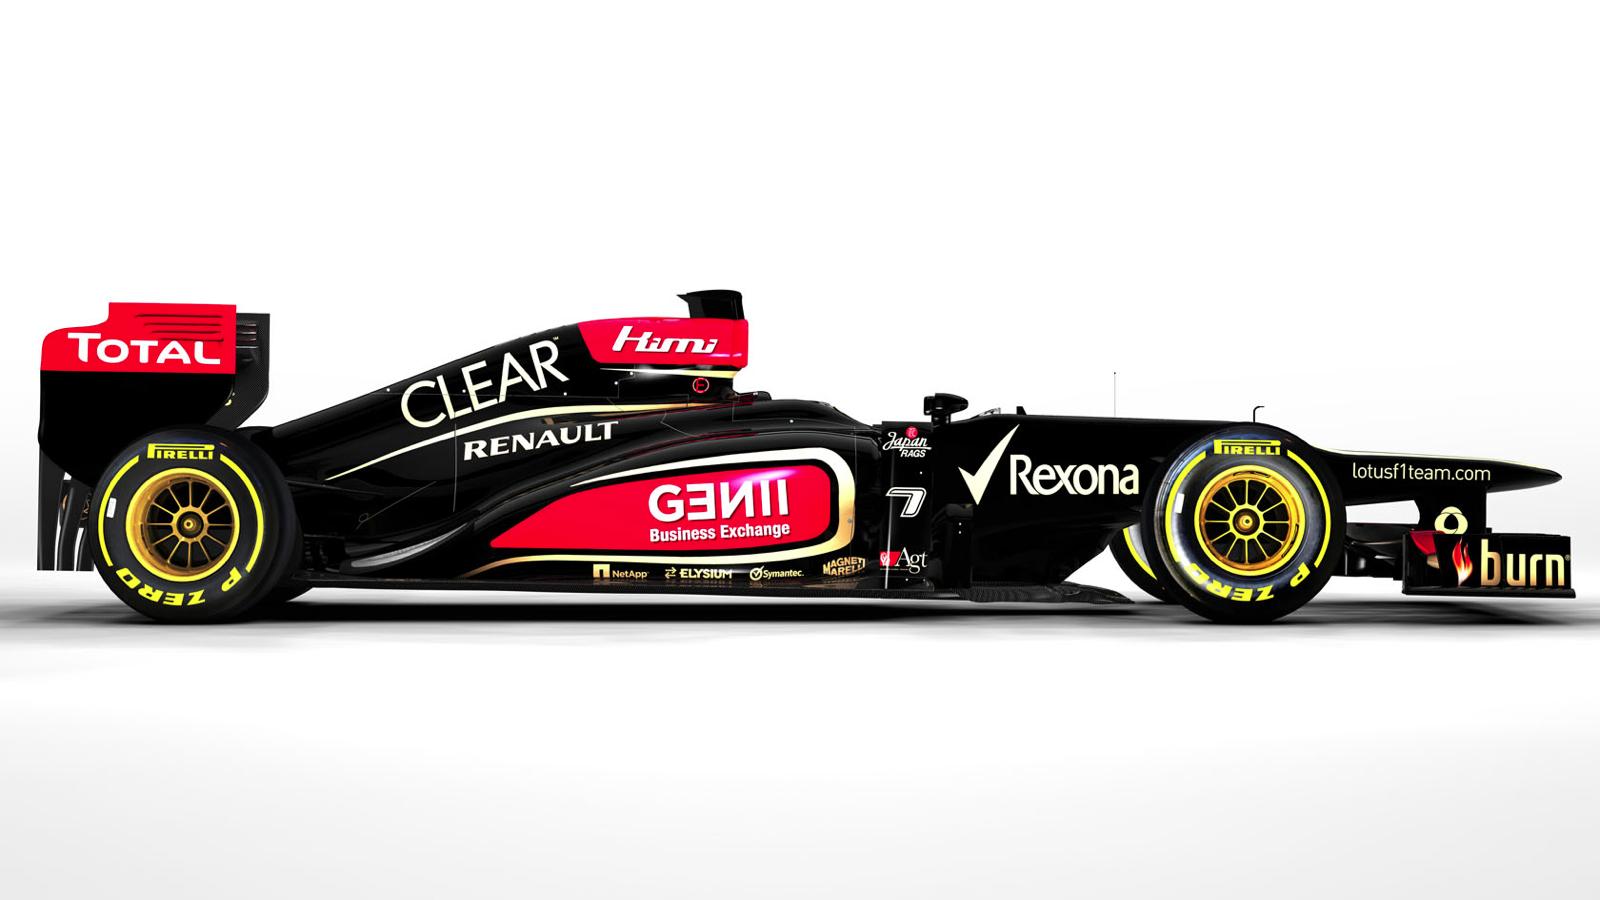 2013 Lotus F1 car 3